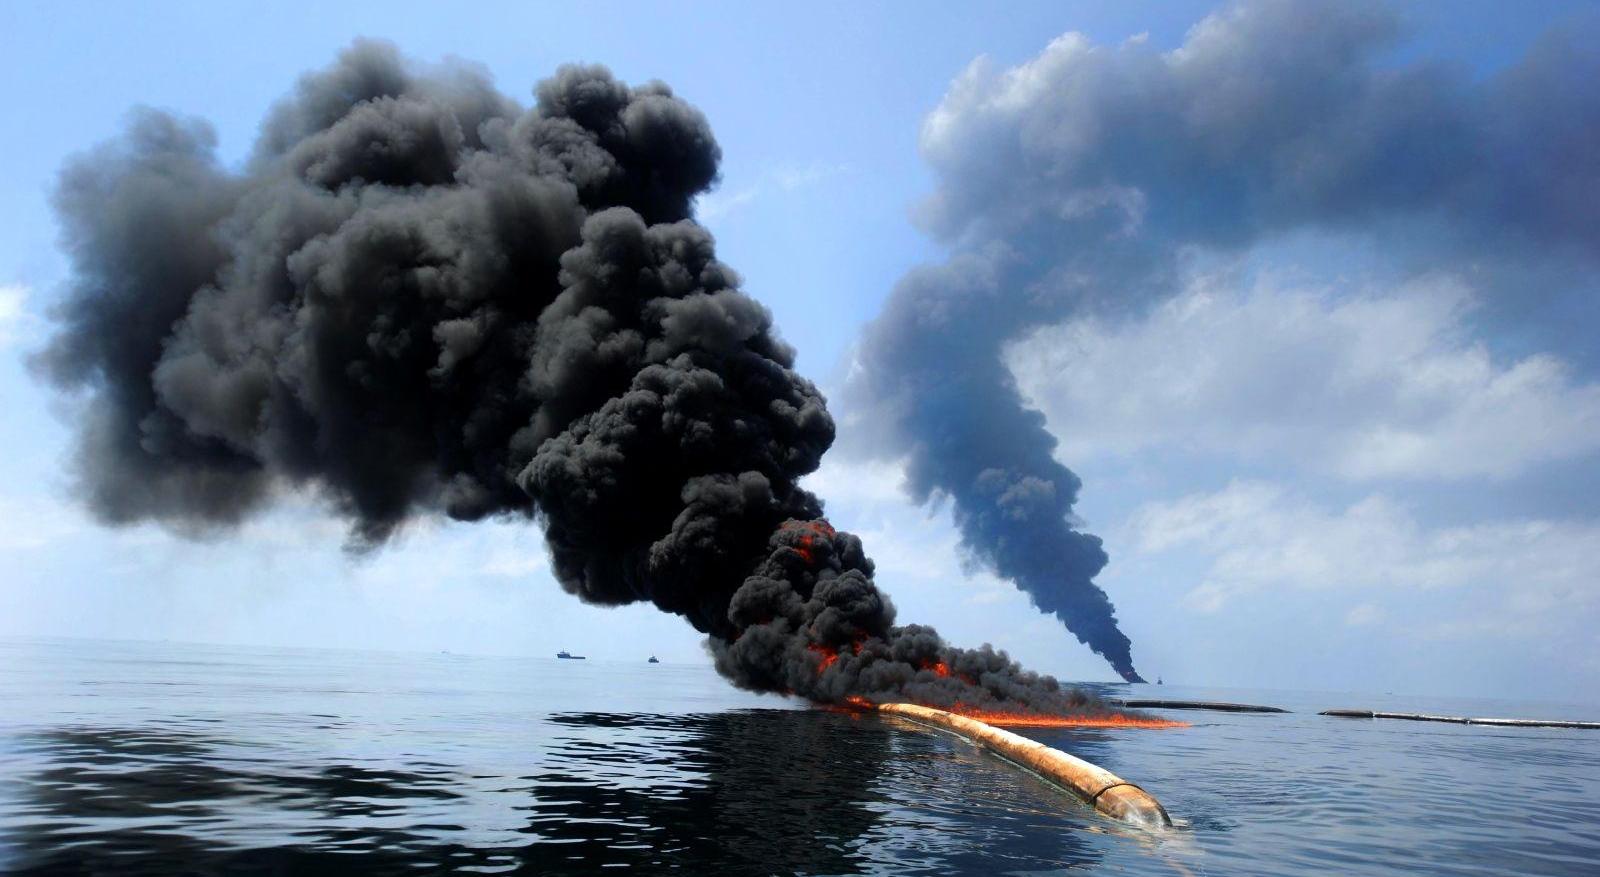 Zatoka Meksykańska: zniszczono dowody w sprawie wycieku ropy. Fot. Justin Stumberg